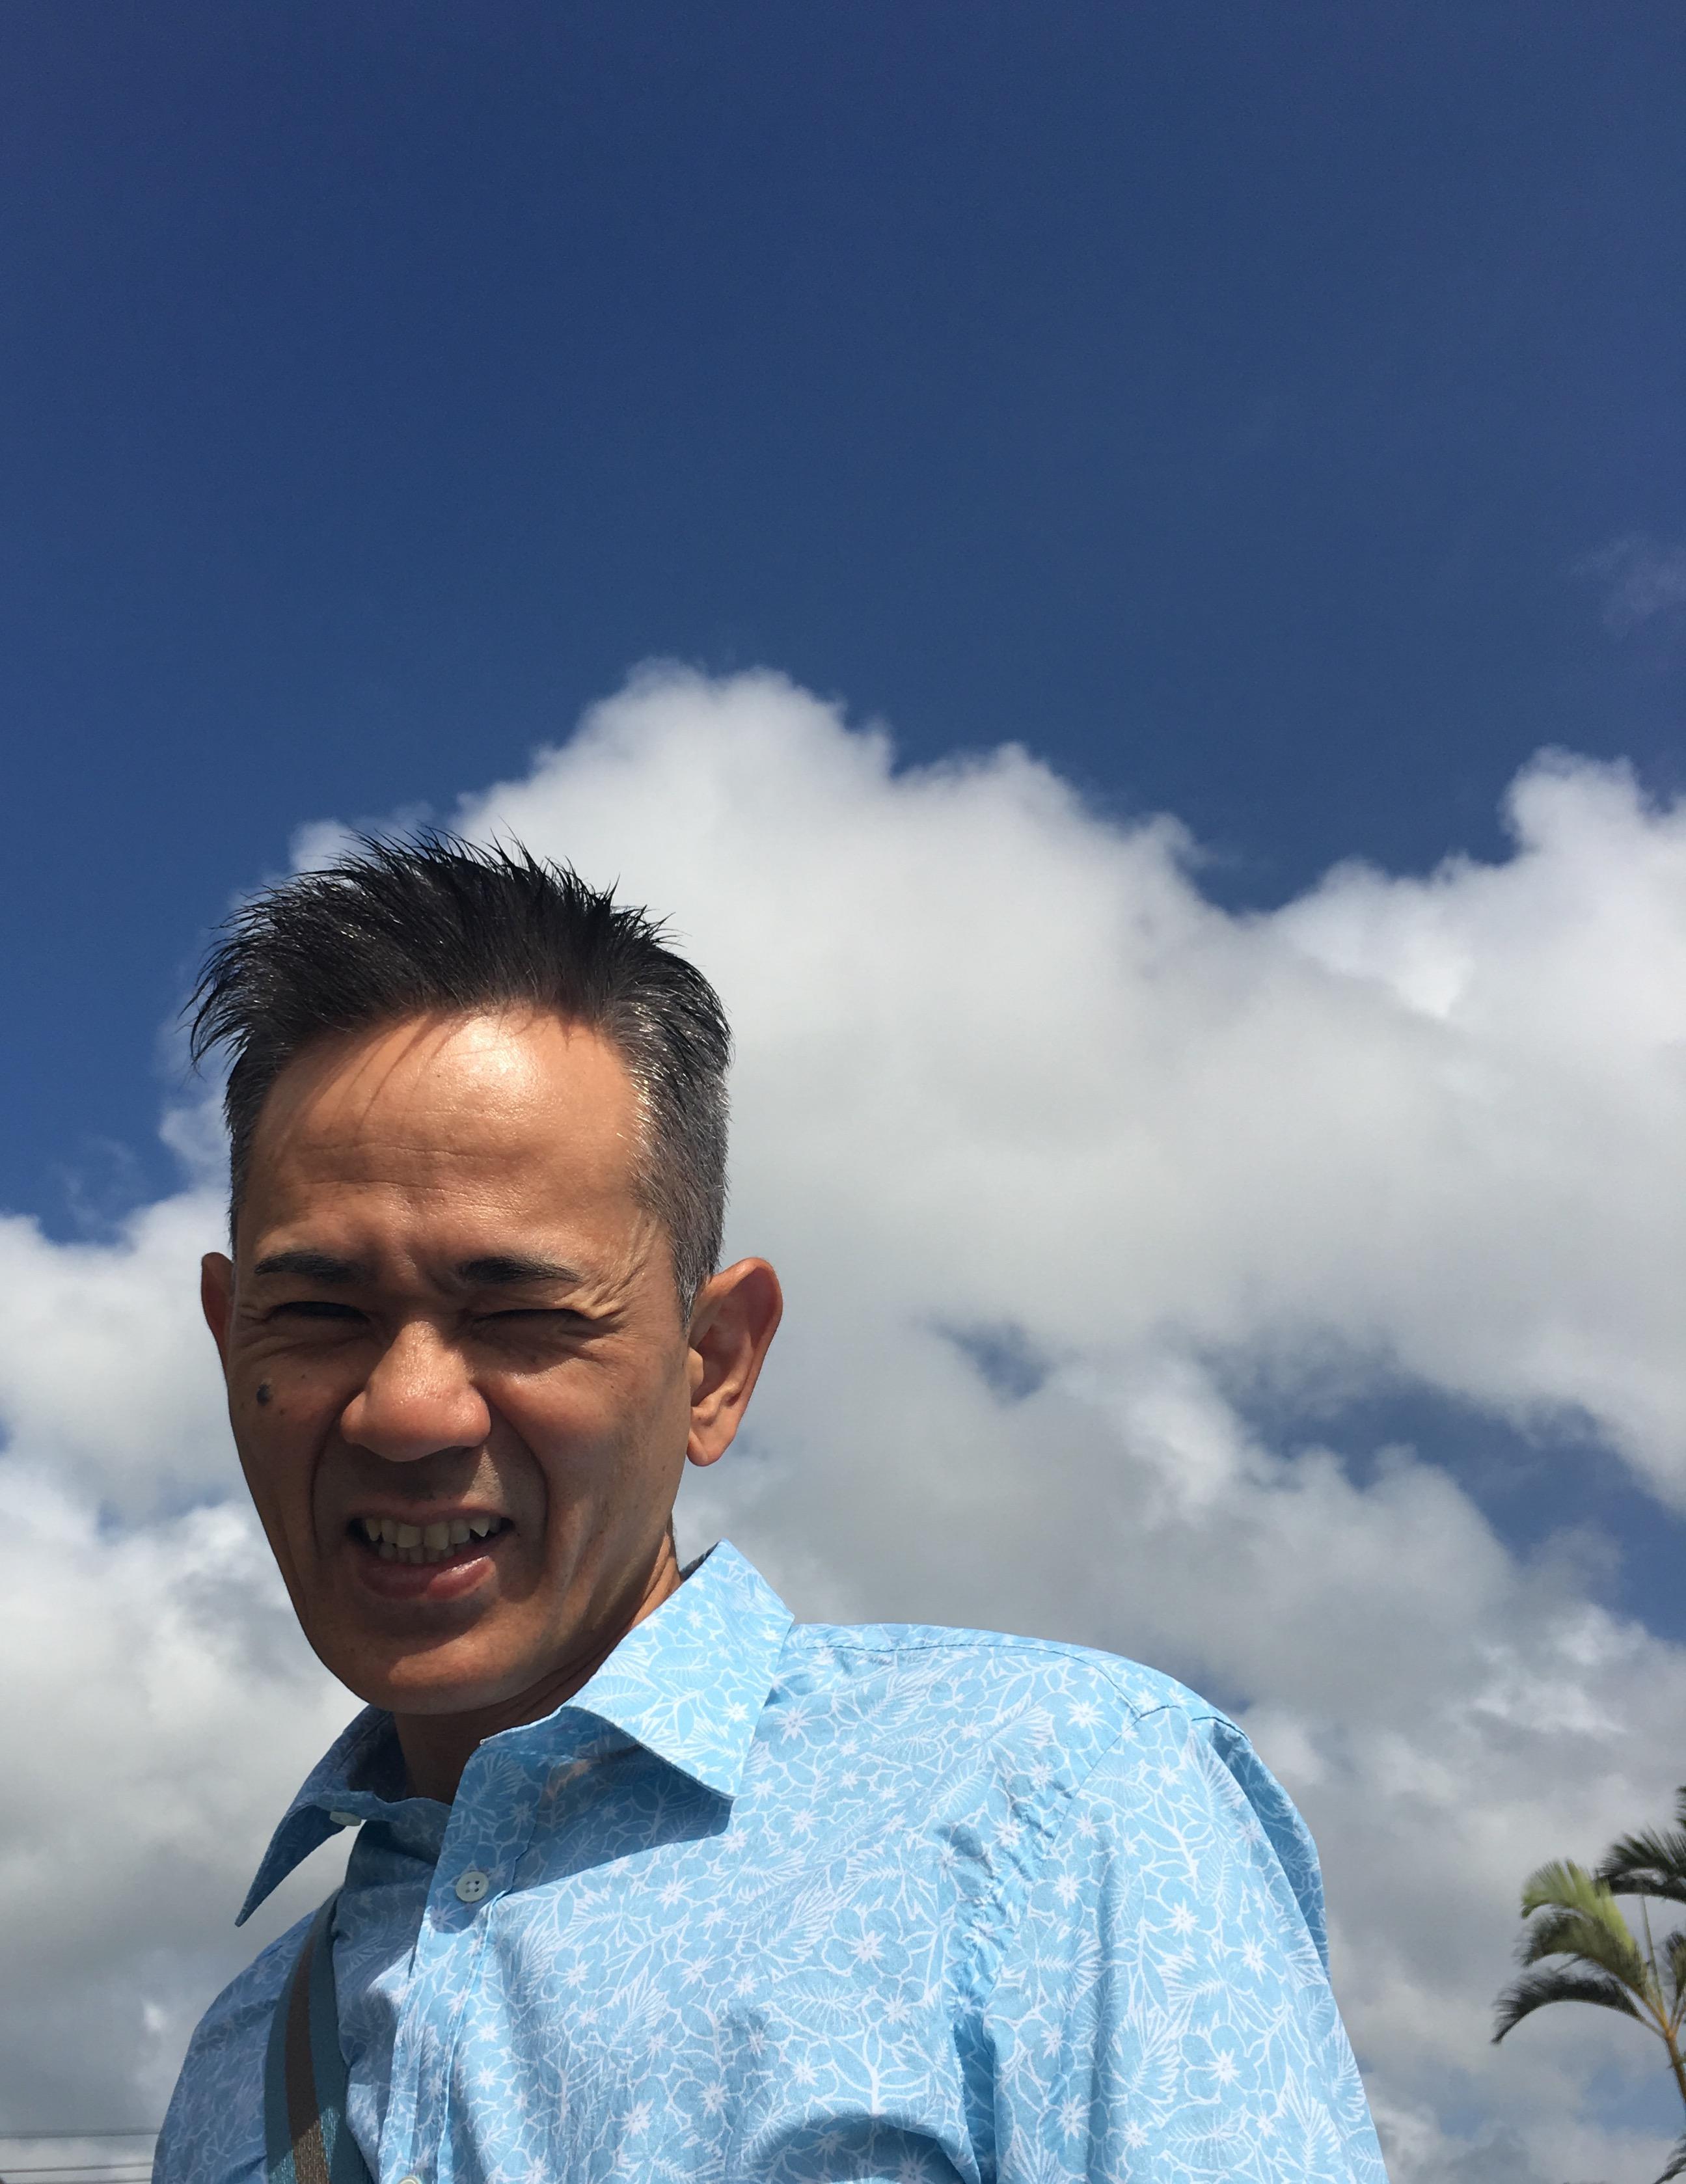 まぶちーーーーーーーい‼️ でも、夏大好き? 先生の心の声 笑 7月1日 書店販売予定の 新作の本✨✨✨ 青空に映える あなたを 快晴にする 一冊です。 ✨サキ読み? https://www.sunmark.co.jp/sp/books/sakiyomi/entry_form.php ✨先行予約? http://www.sunmark.co.jp/sp/book_profile/detail.php?cmn_search_id=978-4-7631-3571-1